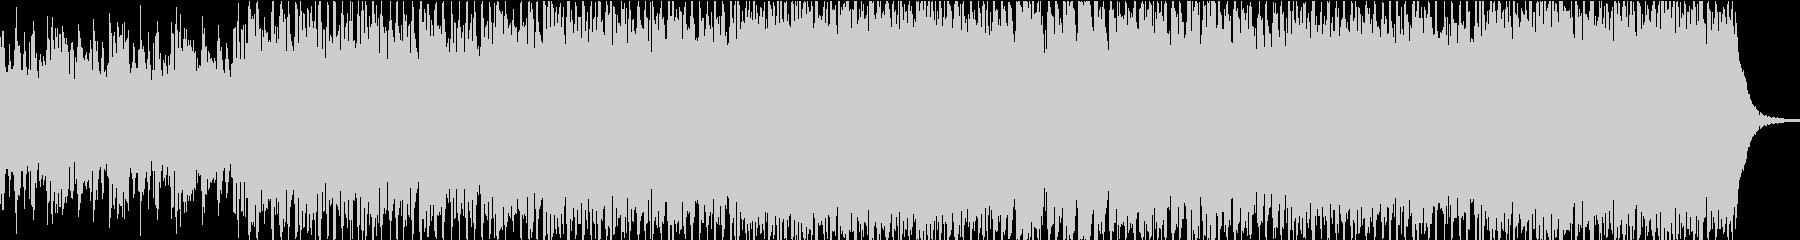 ヒリヒリするような昂ぶりのあるBGMの未再生の波形